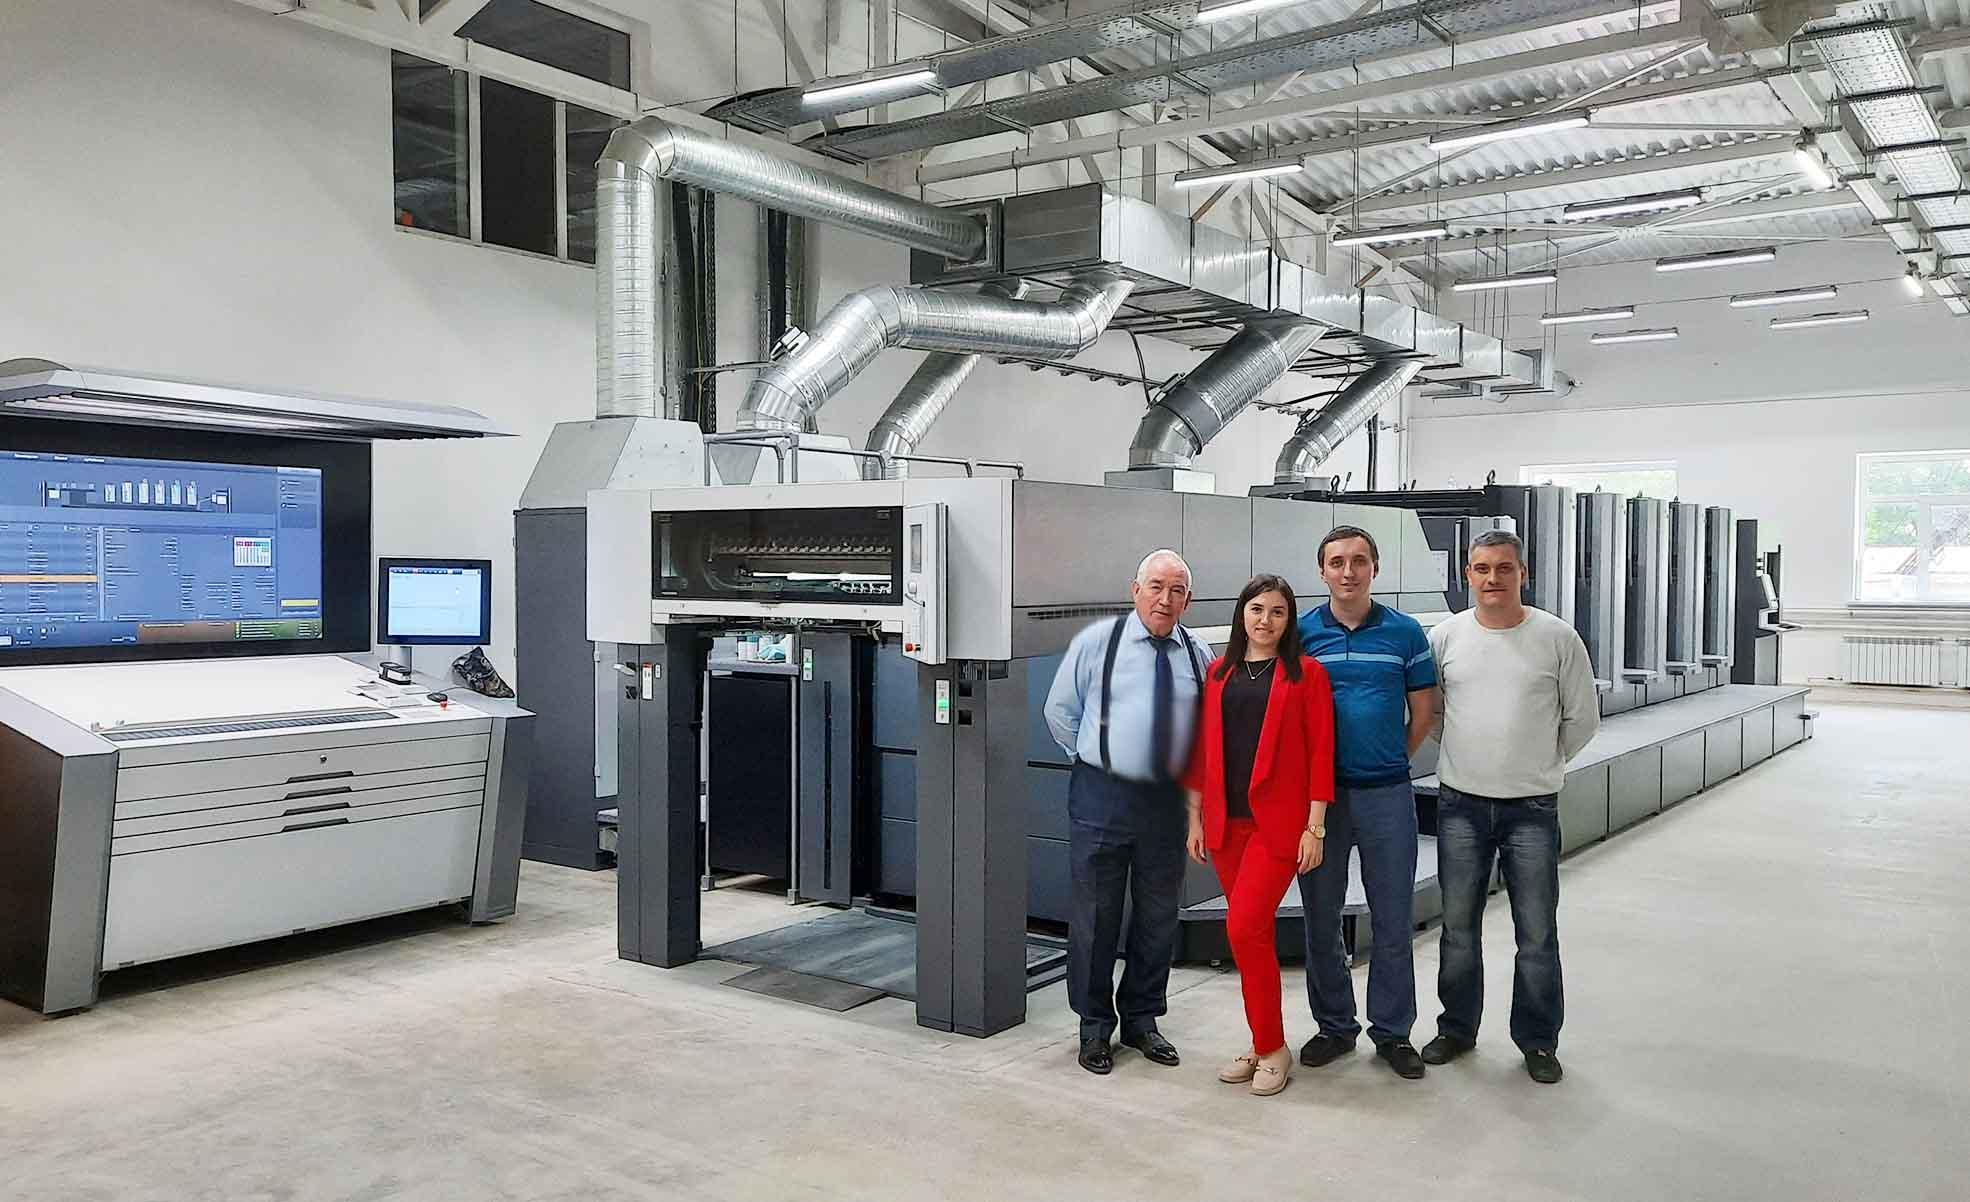 На «Яснополянской фабрике тары и упаковки» запущен комплекс нового оборудования Heidelberg